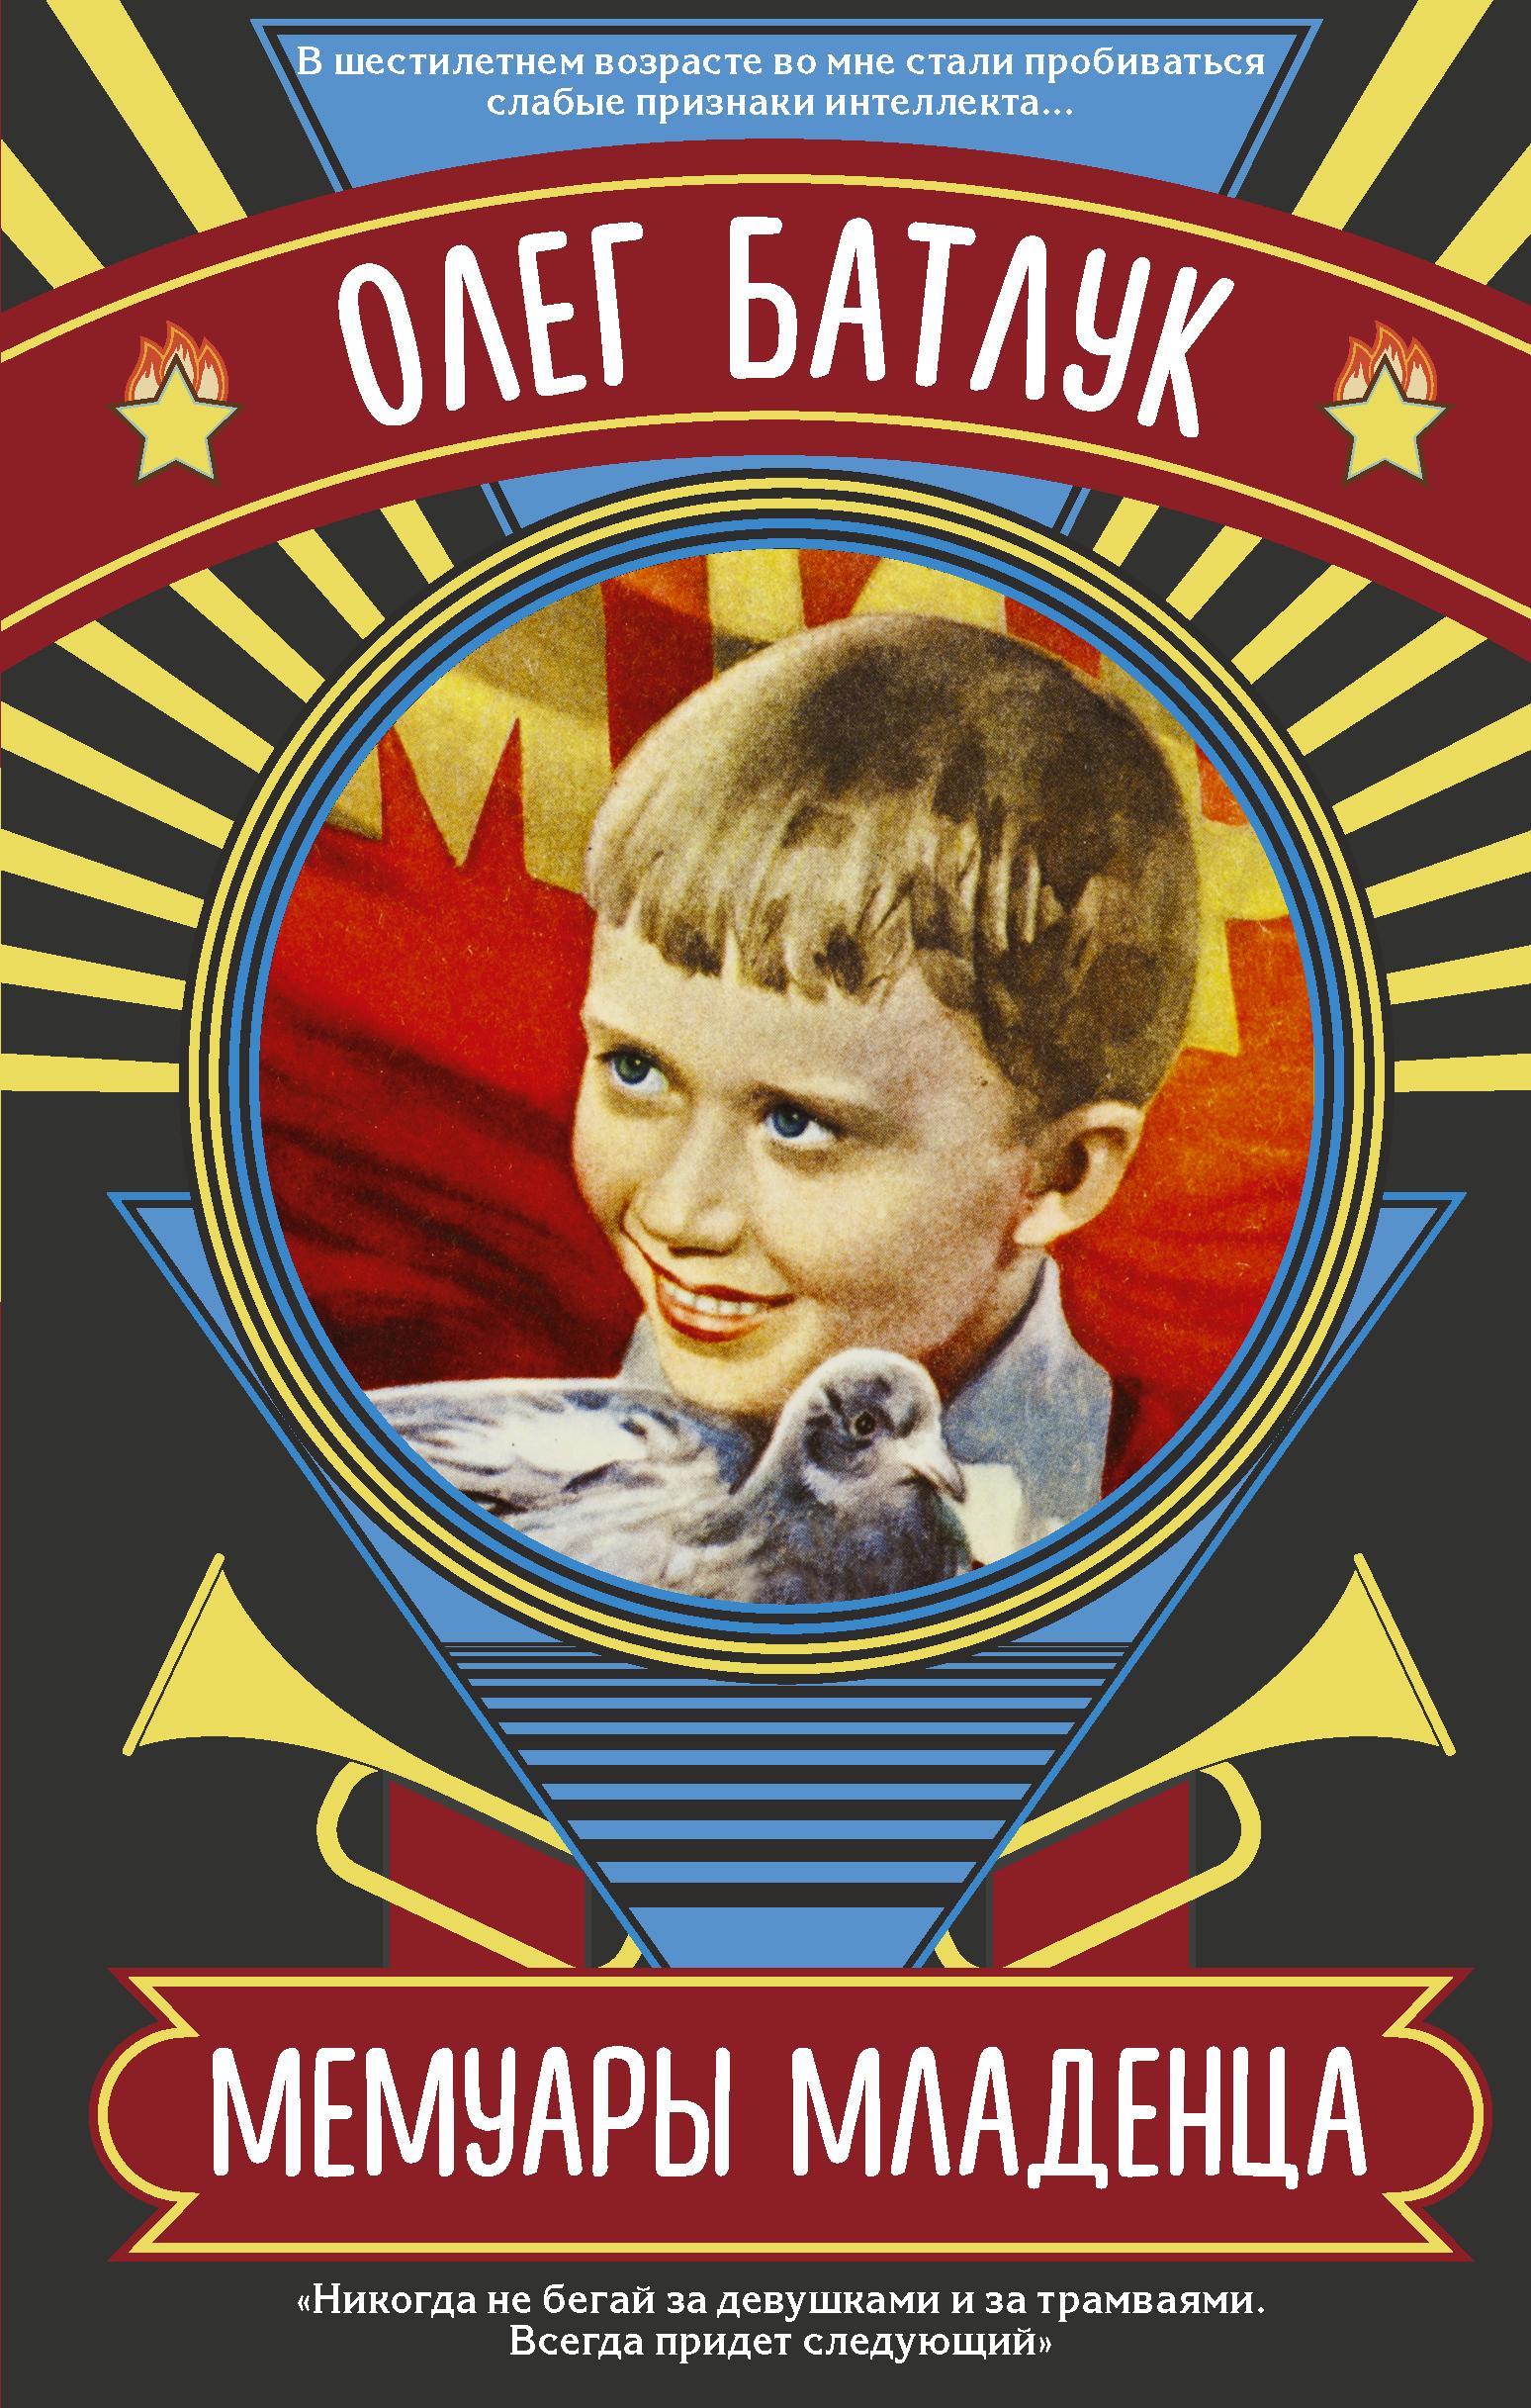 Мемуары младенца - Олег Батлук